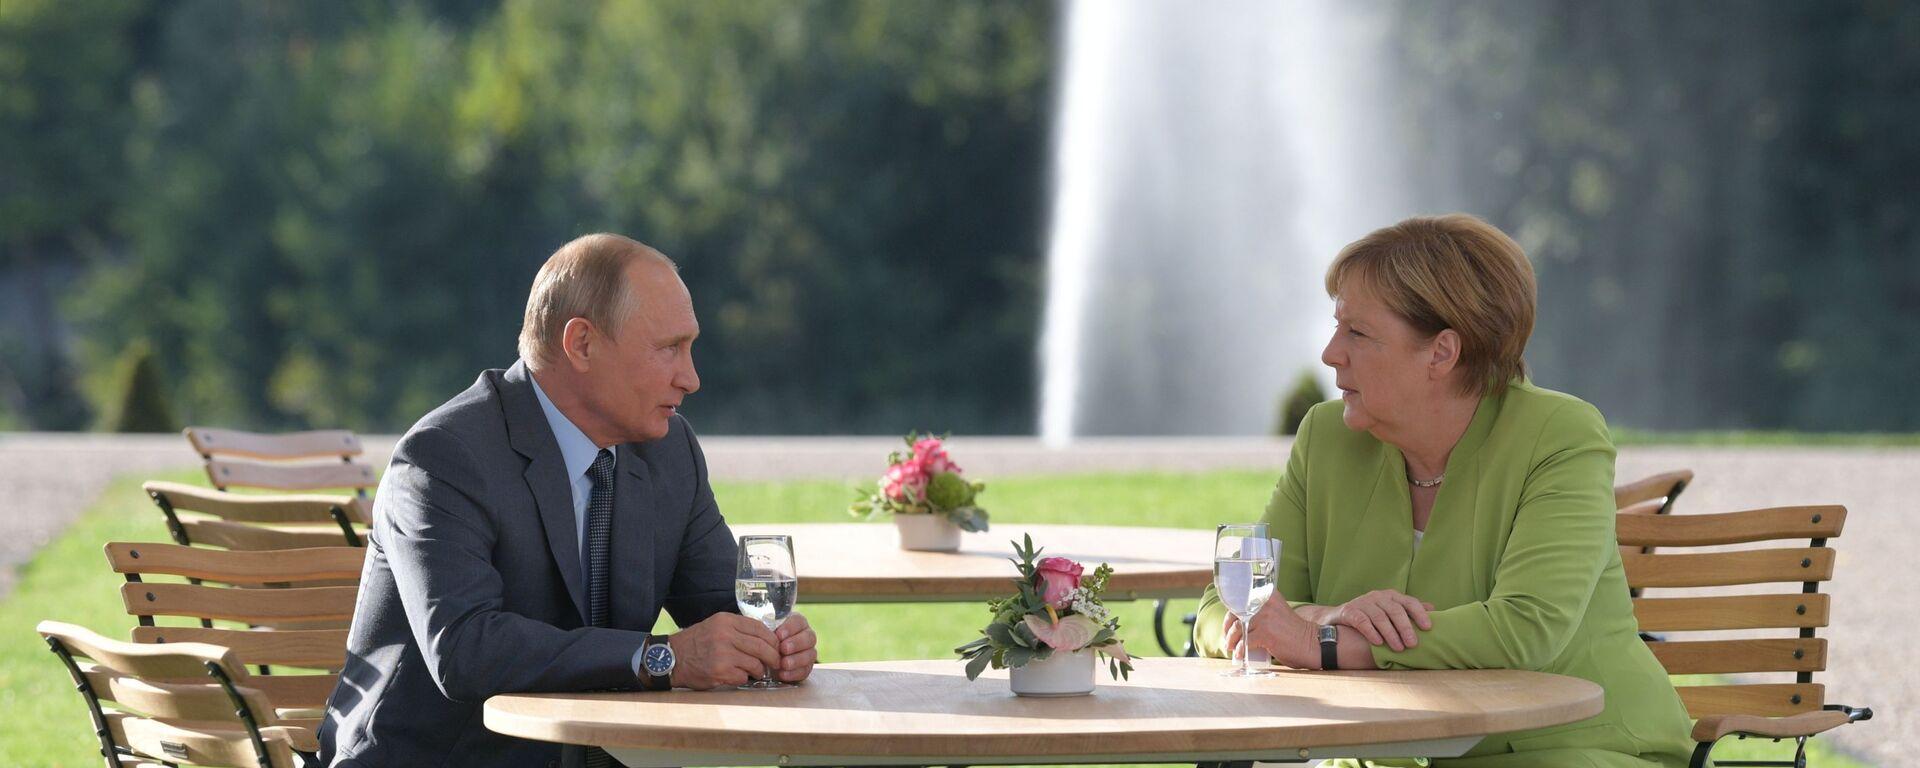 Президент России Владимир Путин и федеральный канцлер ФРГ Ангела Меркель во время встречи в резиденции правительства ФРГ Мезеберг - Sputnik Таджикистан, 1920, 24.07.2021